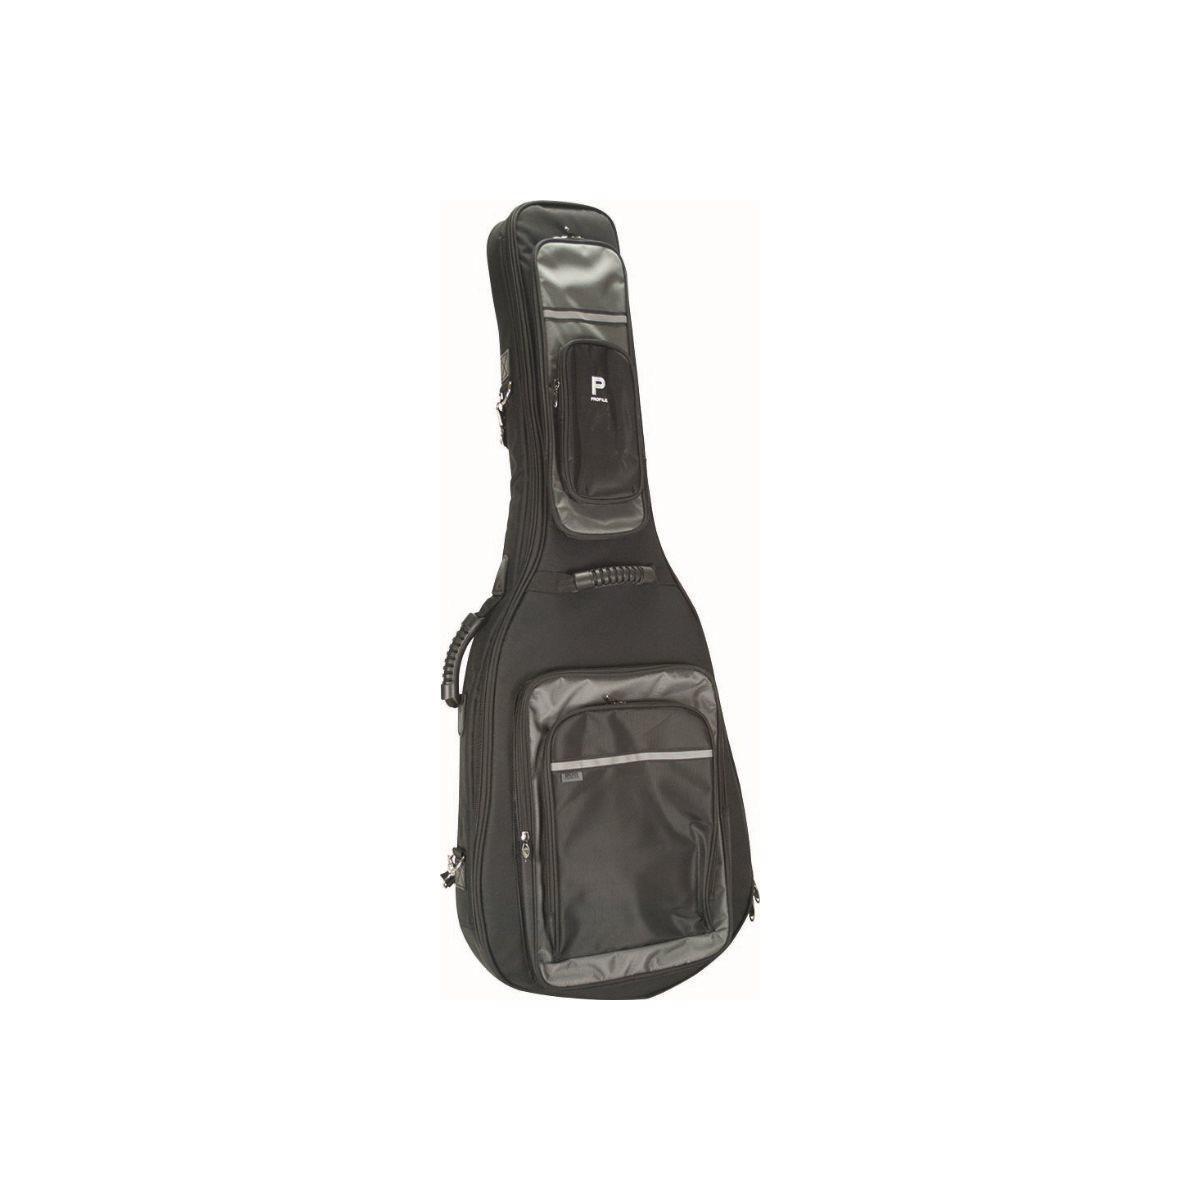 PROFILE - PREB906 - Premium Electric Guitar Bag